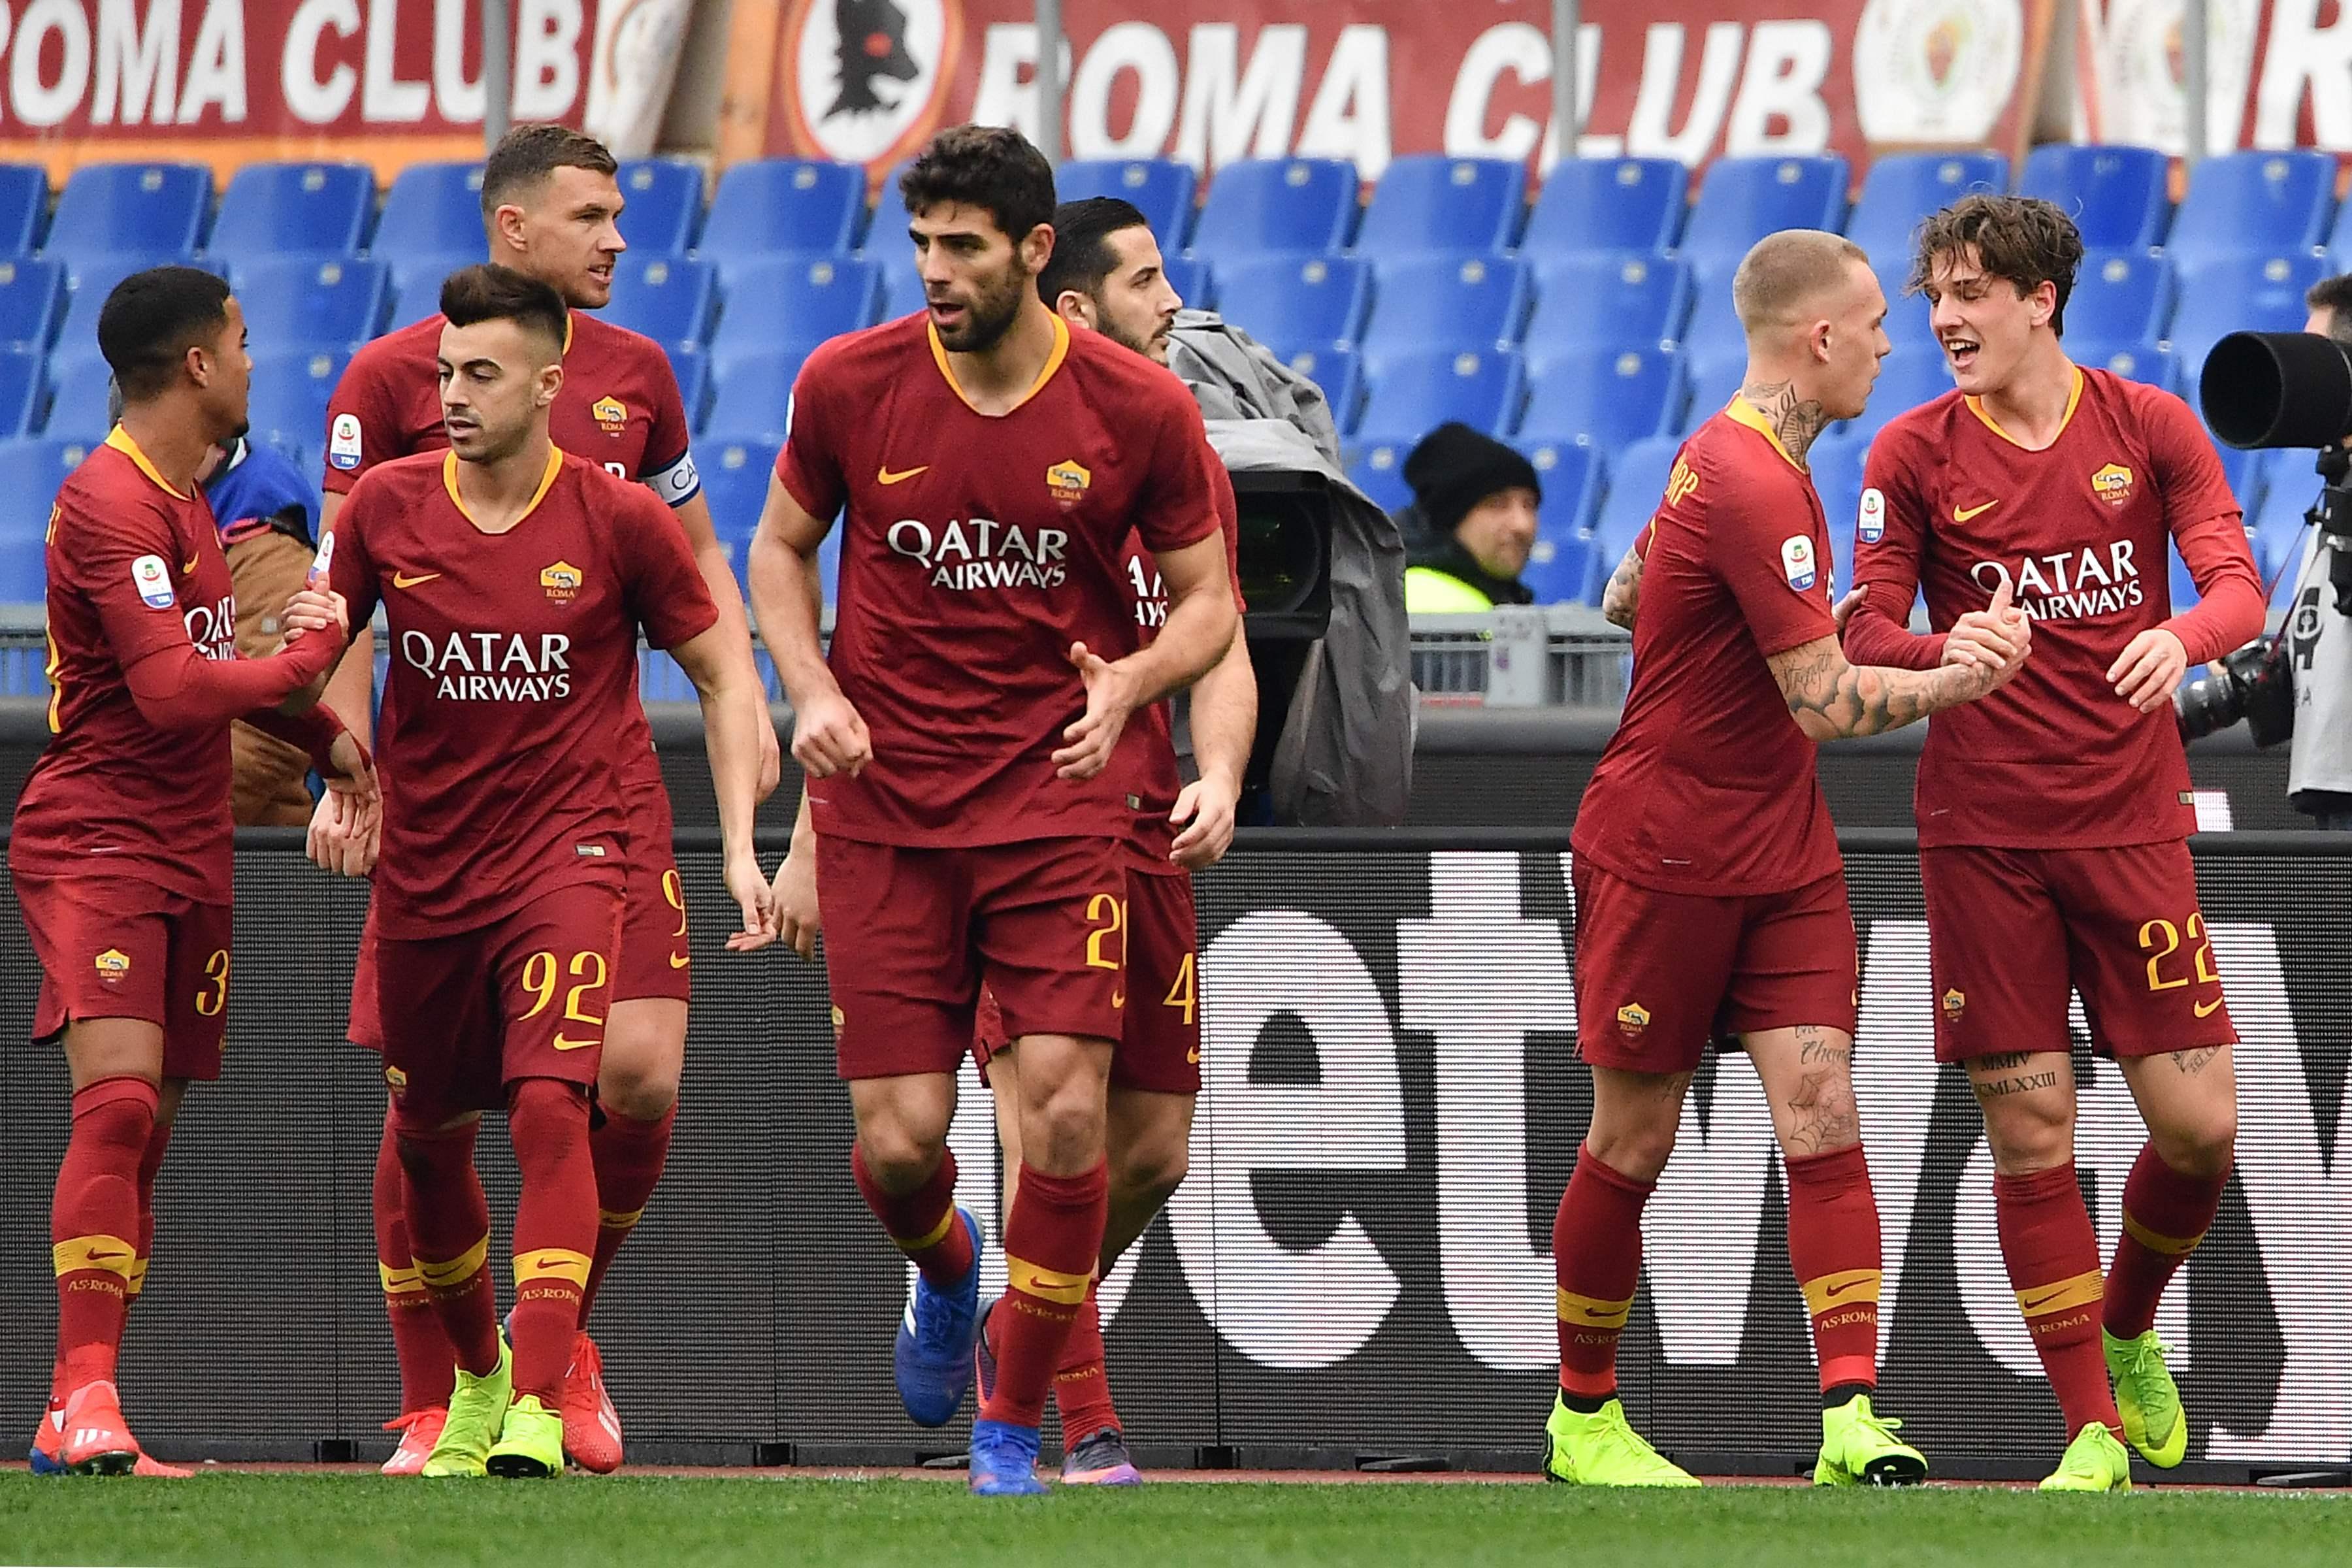 Los jugadores de la Roma festejan en el partido de este sábado. (Foto Prensa Libre: AFP)